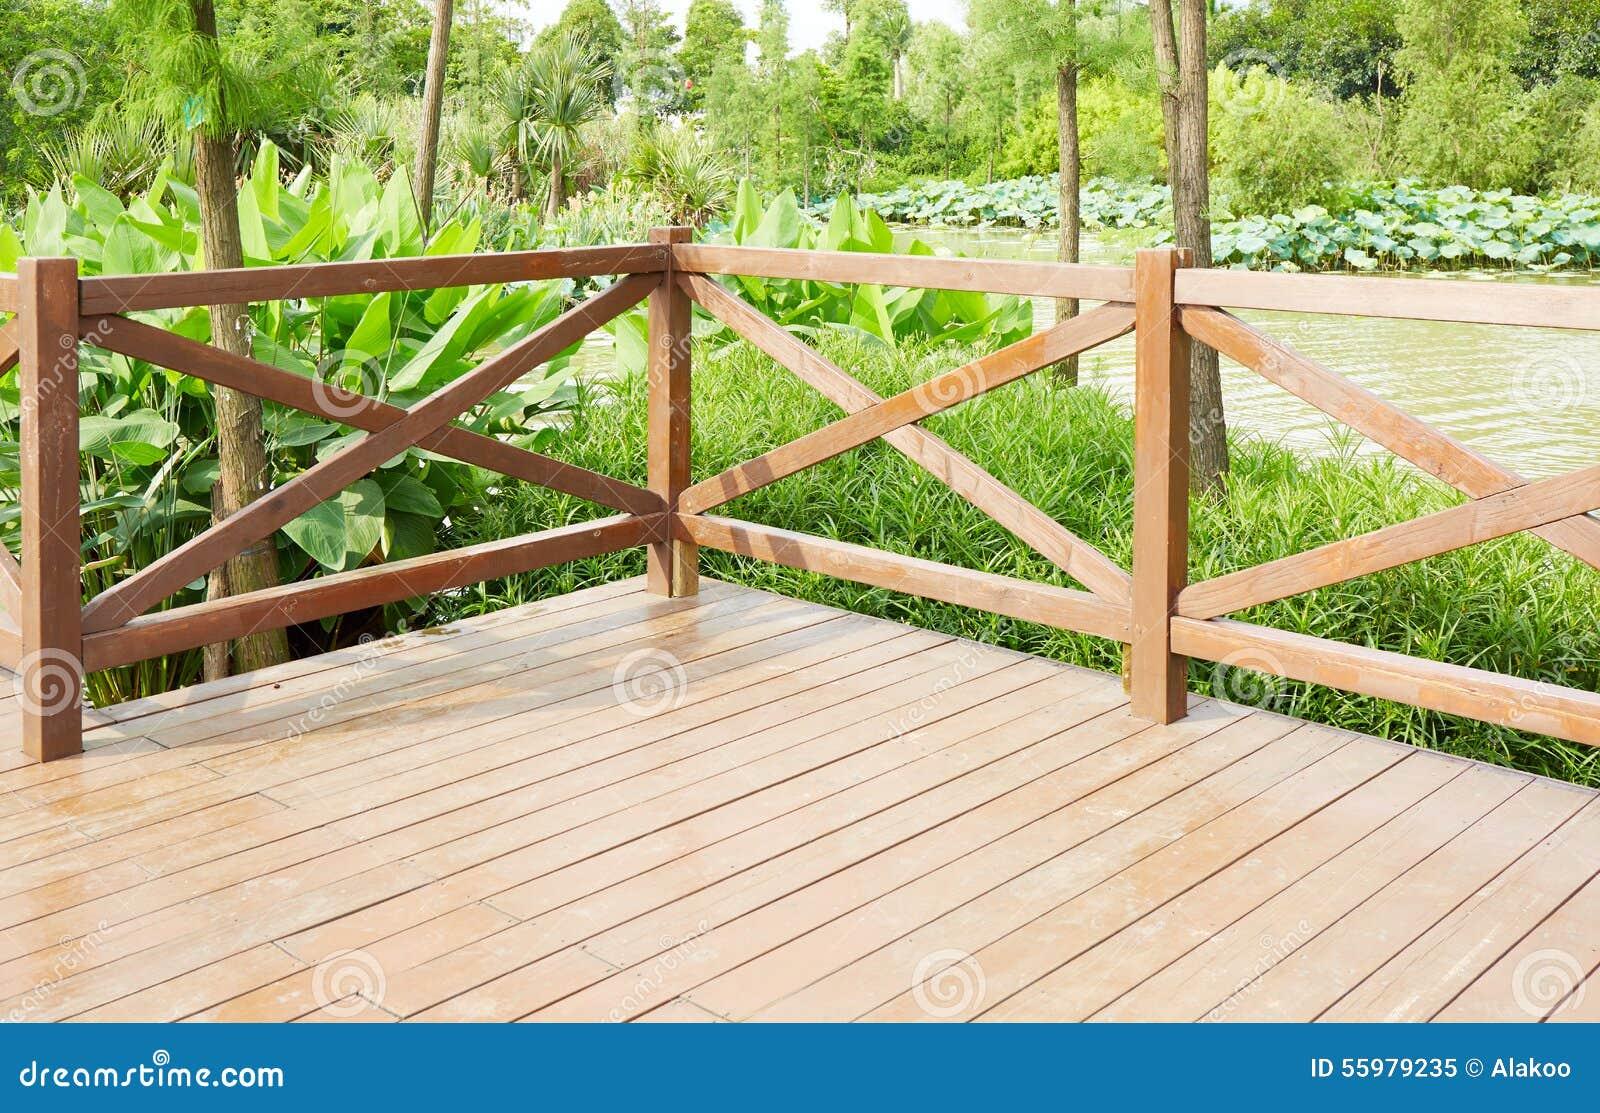 Wooden deck wood patio outdoor garden terrace balcony for Outdoor balcony